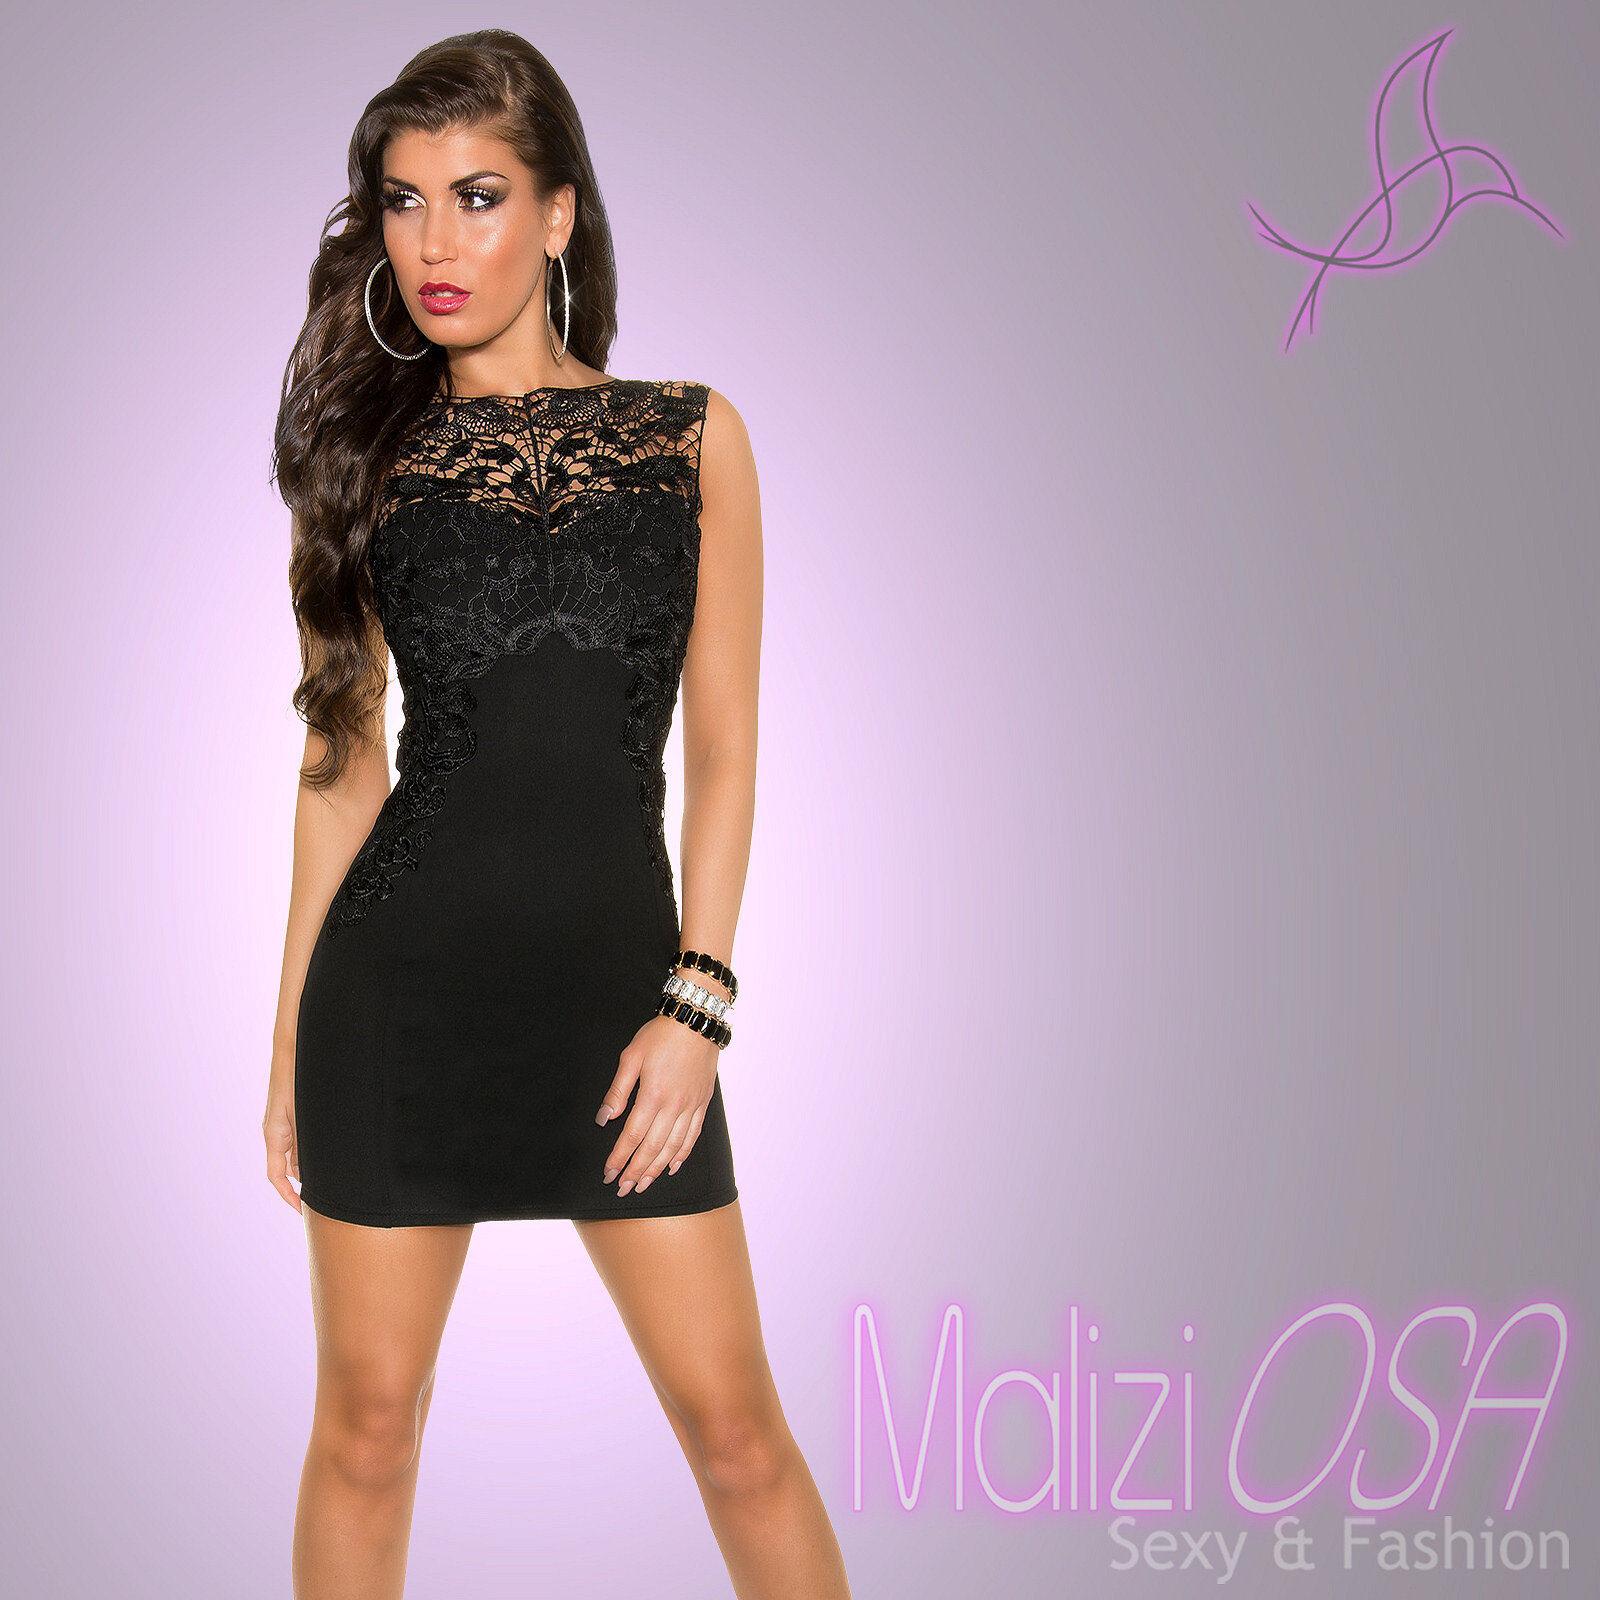 Mini Abito Tubino nero Pizzo Vestito DONNA Sera Party Elegante vestitino  Sexy.   611fcf98186